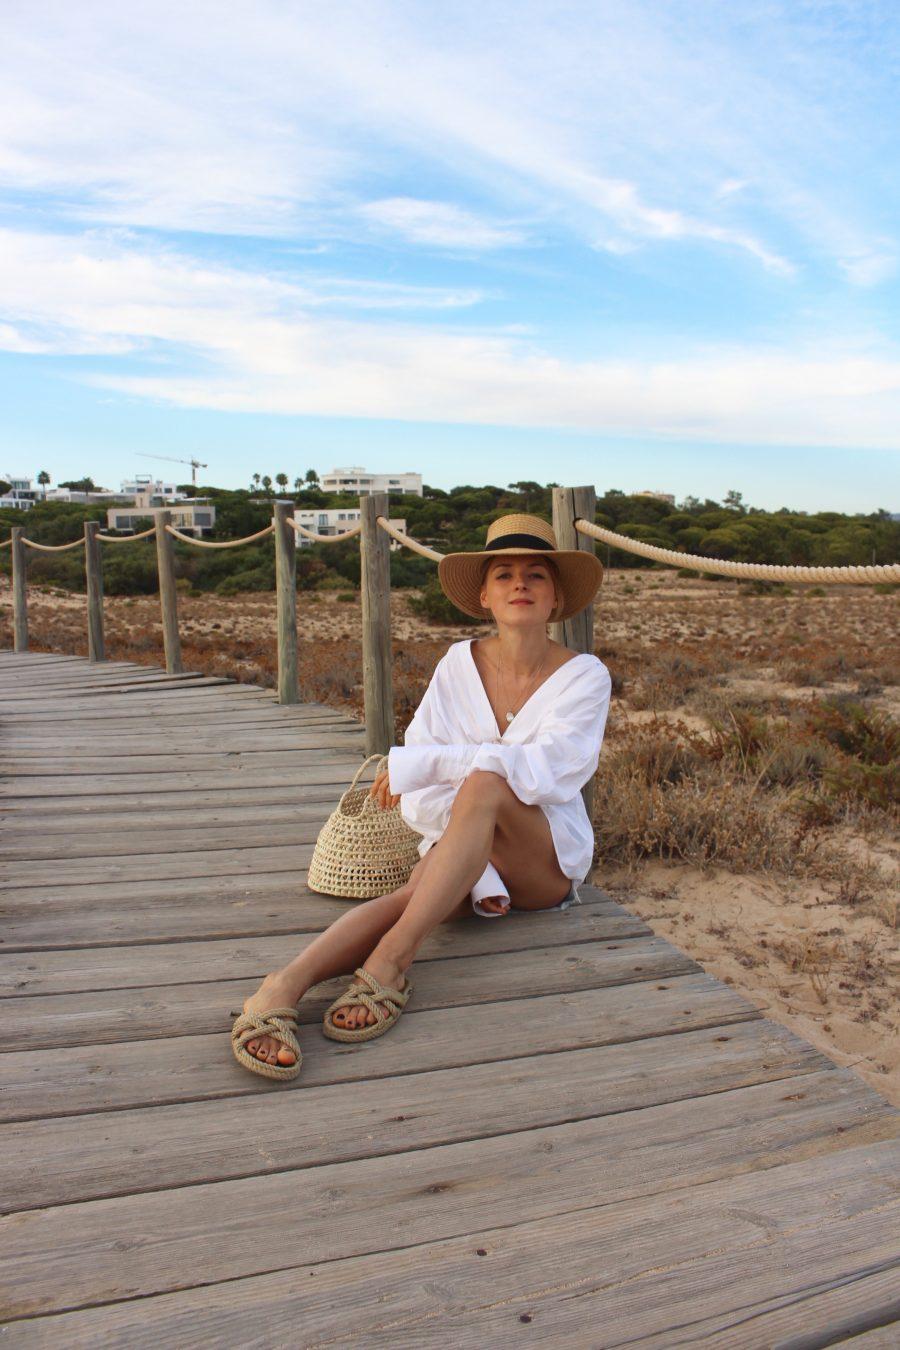 Beach Day in Algarve